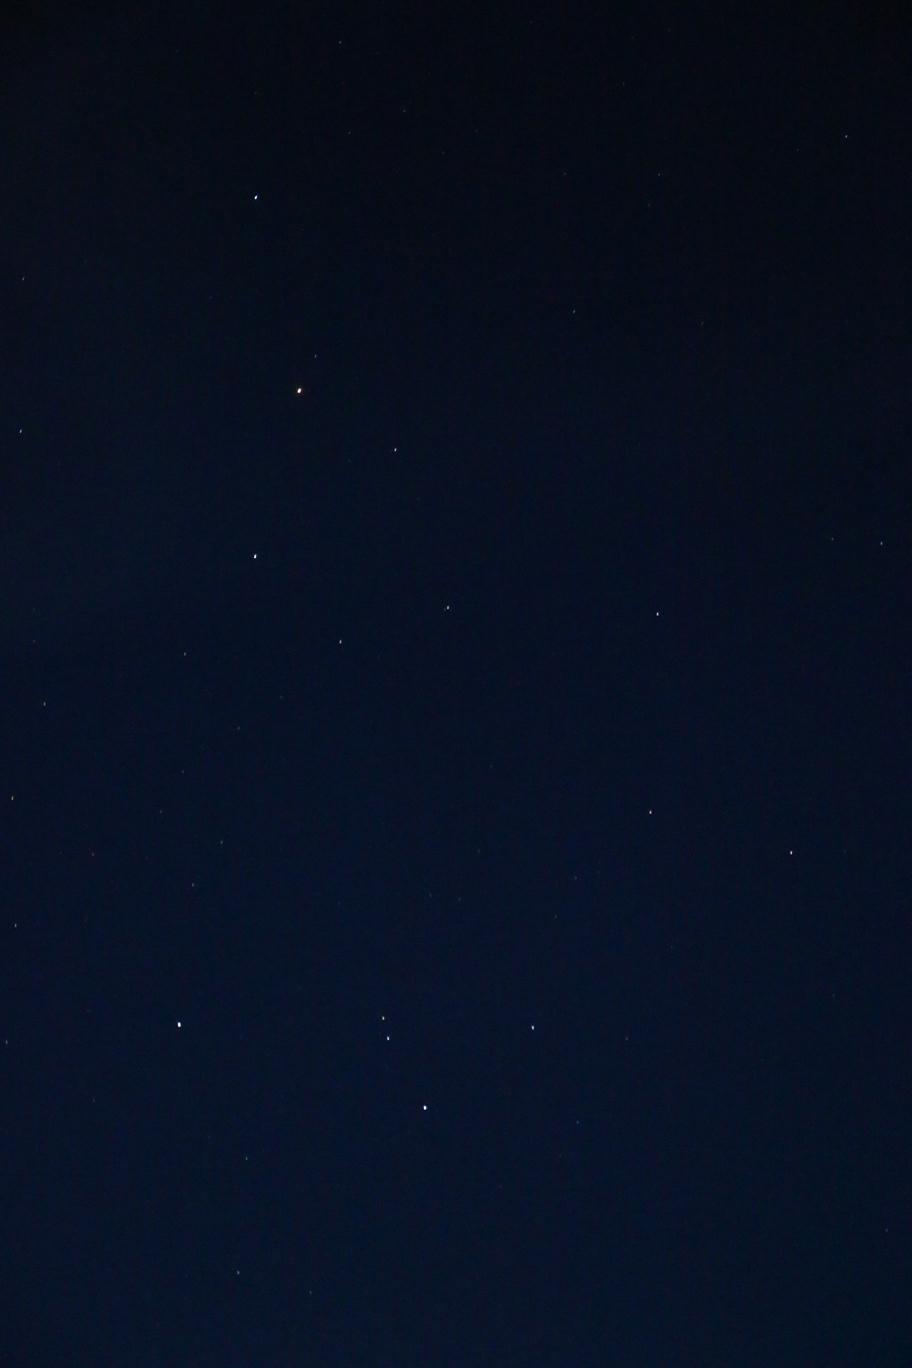 et le ciel néo-zélandais.